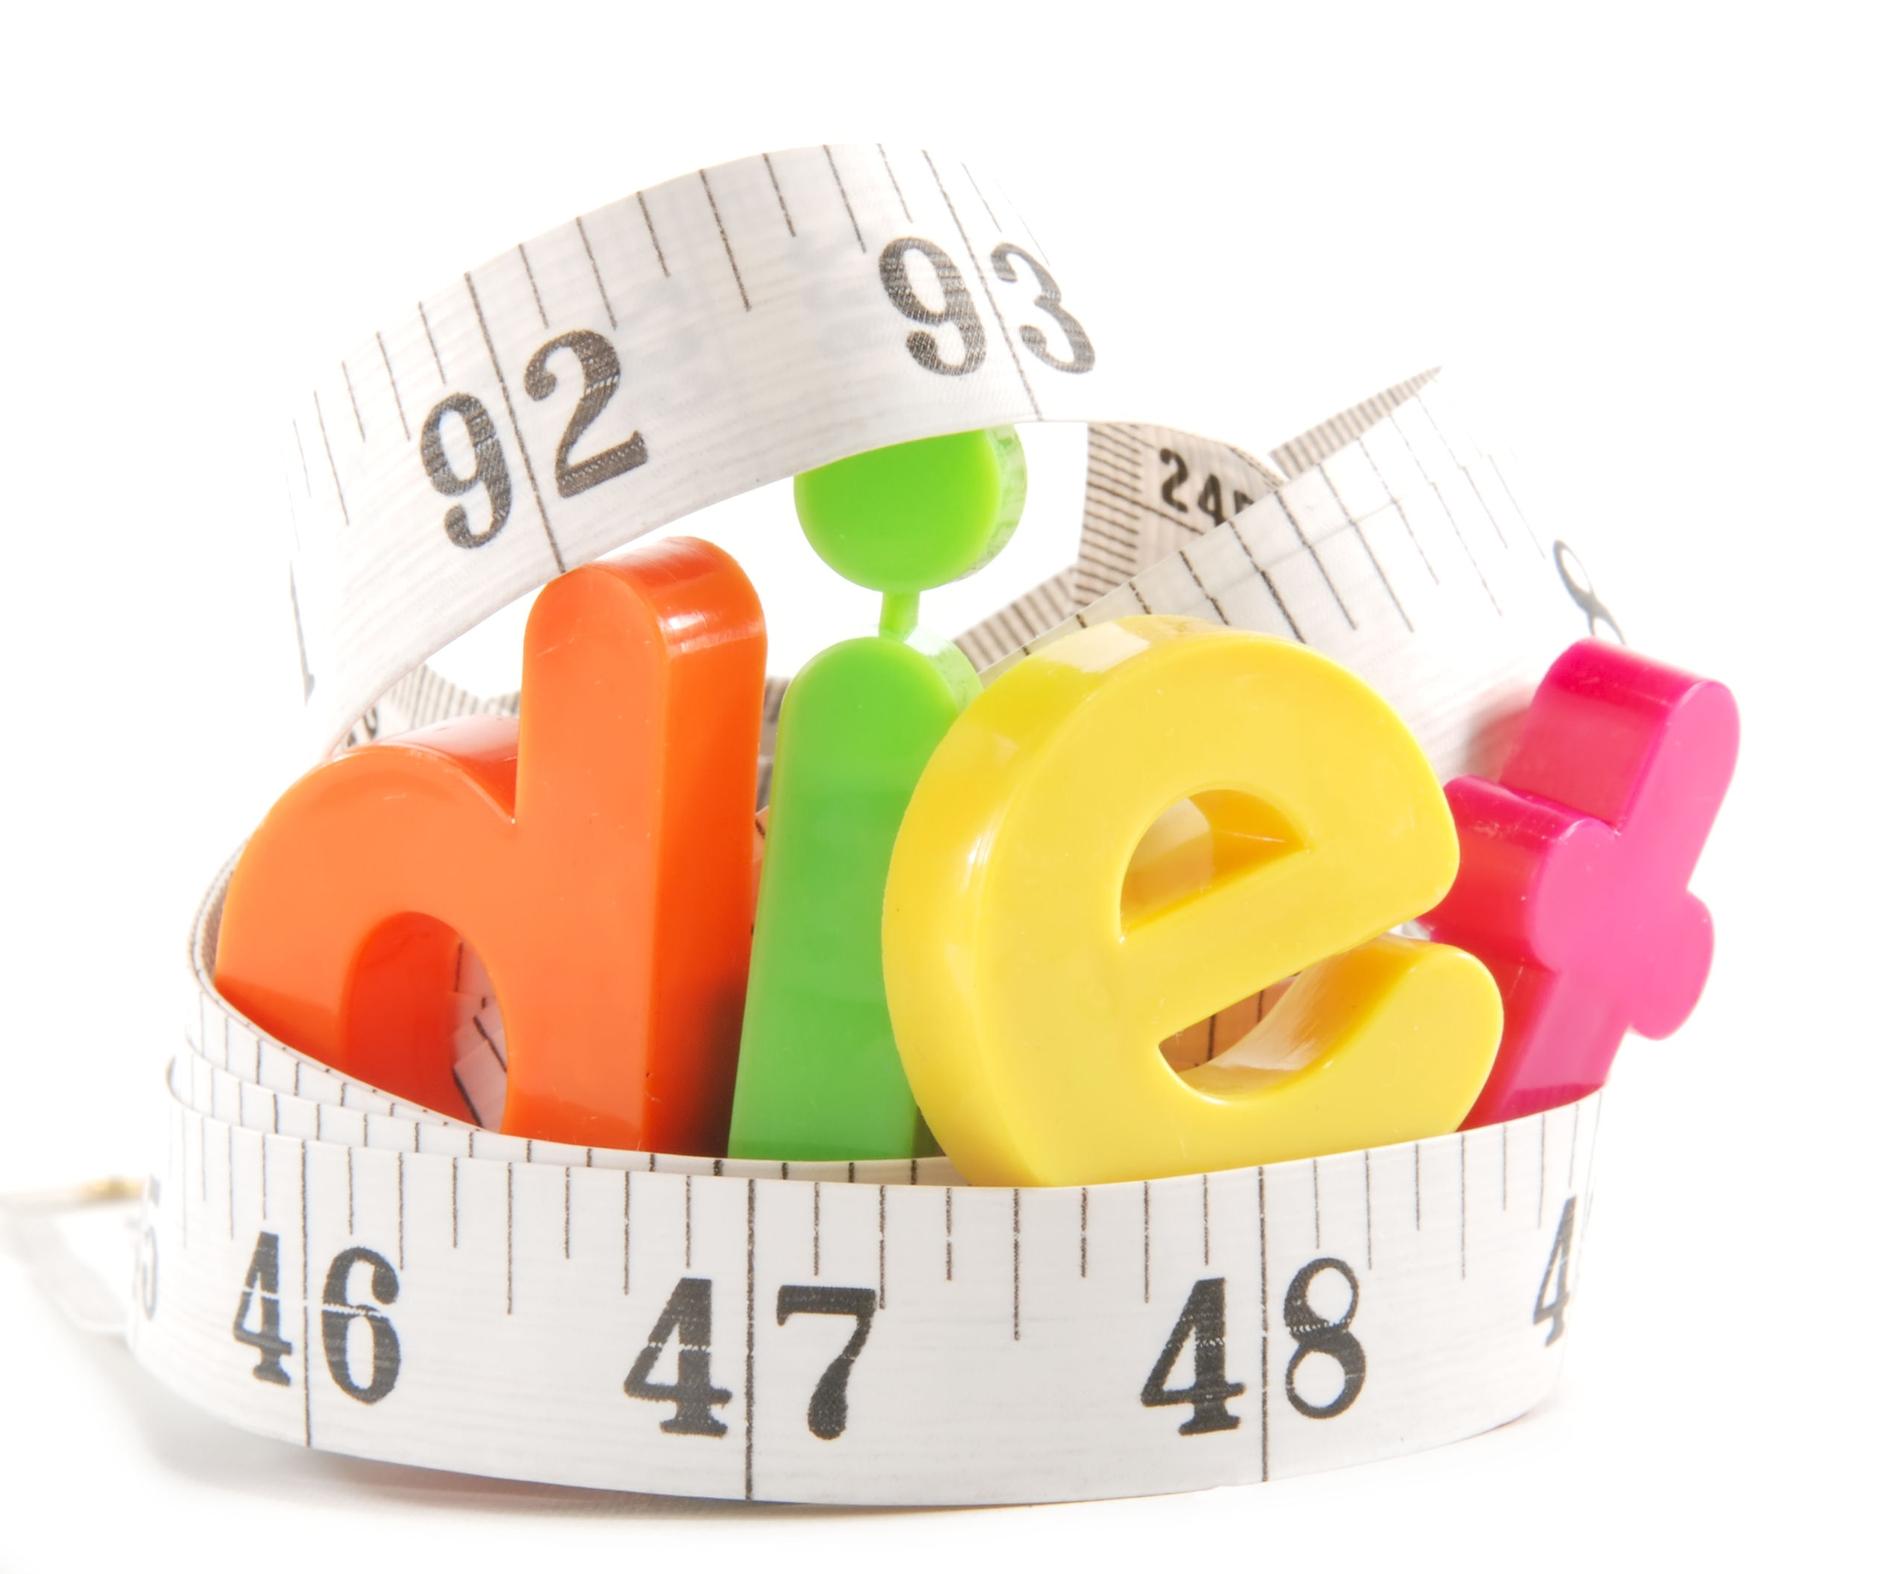 صور حمية غذائية لتخفيف الوزن , استعد حياتك بتخفيف وزنك.